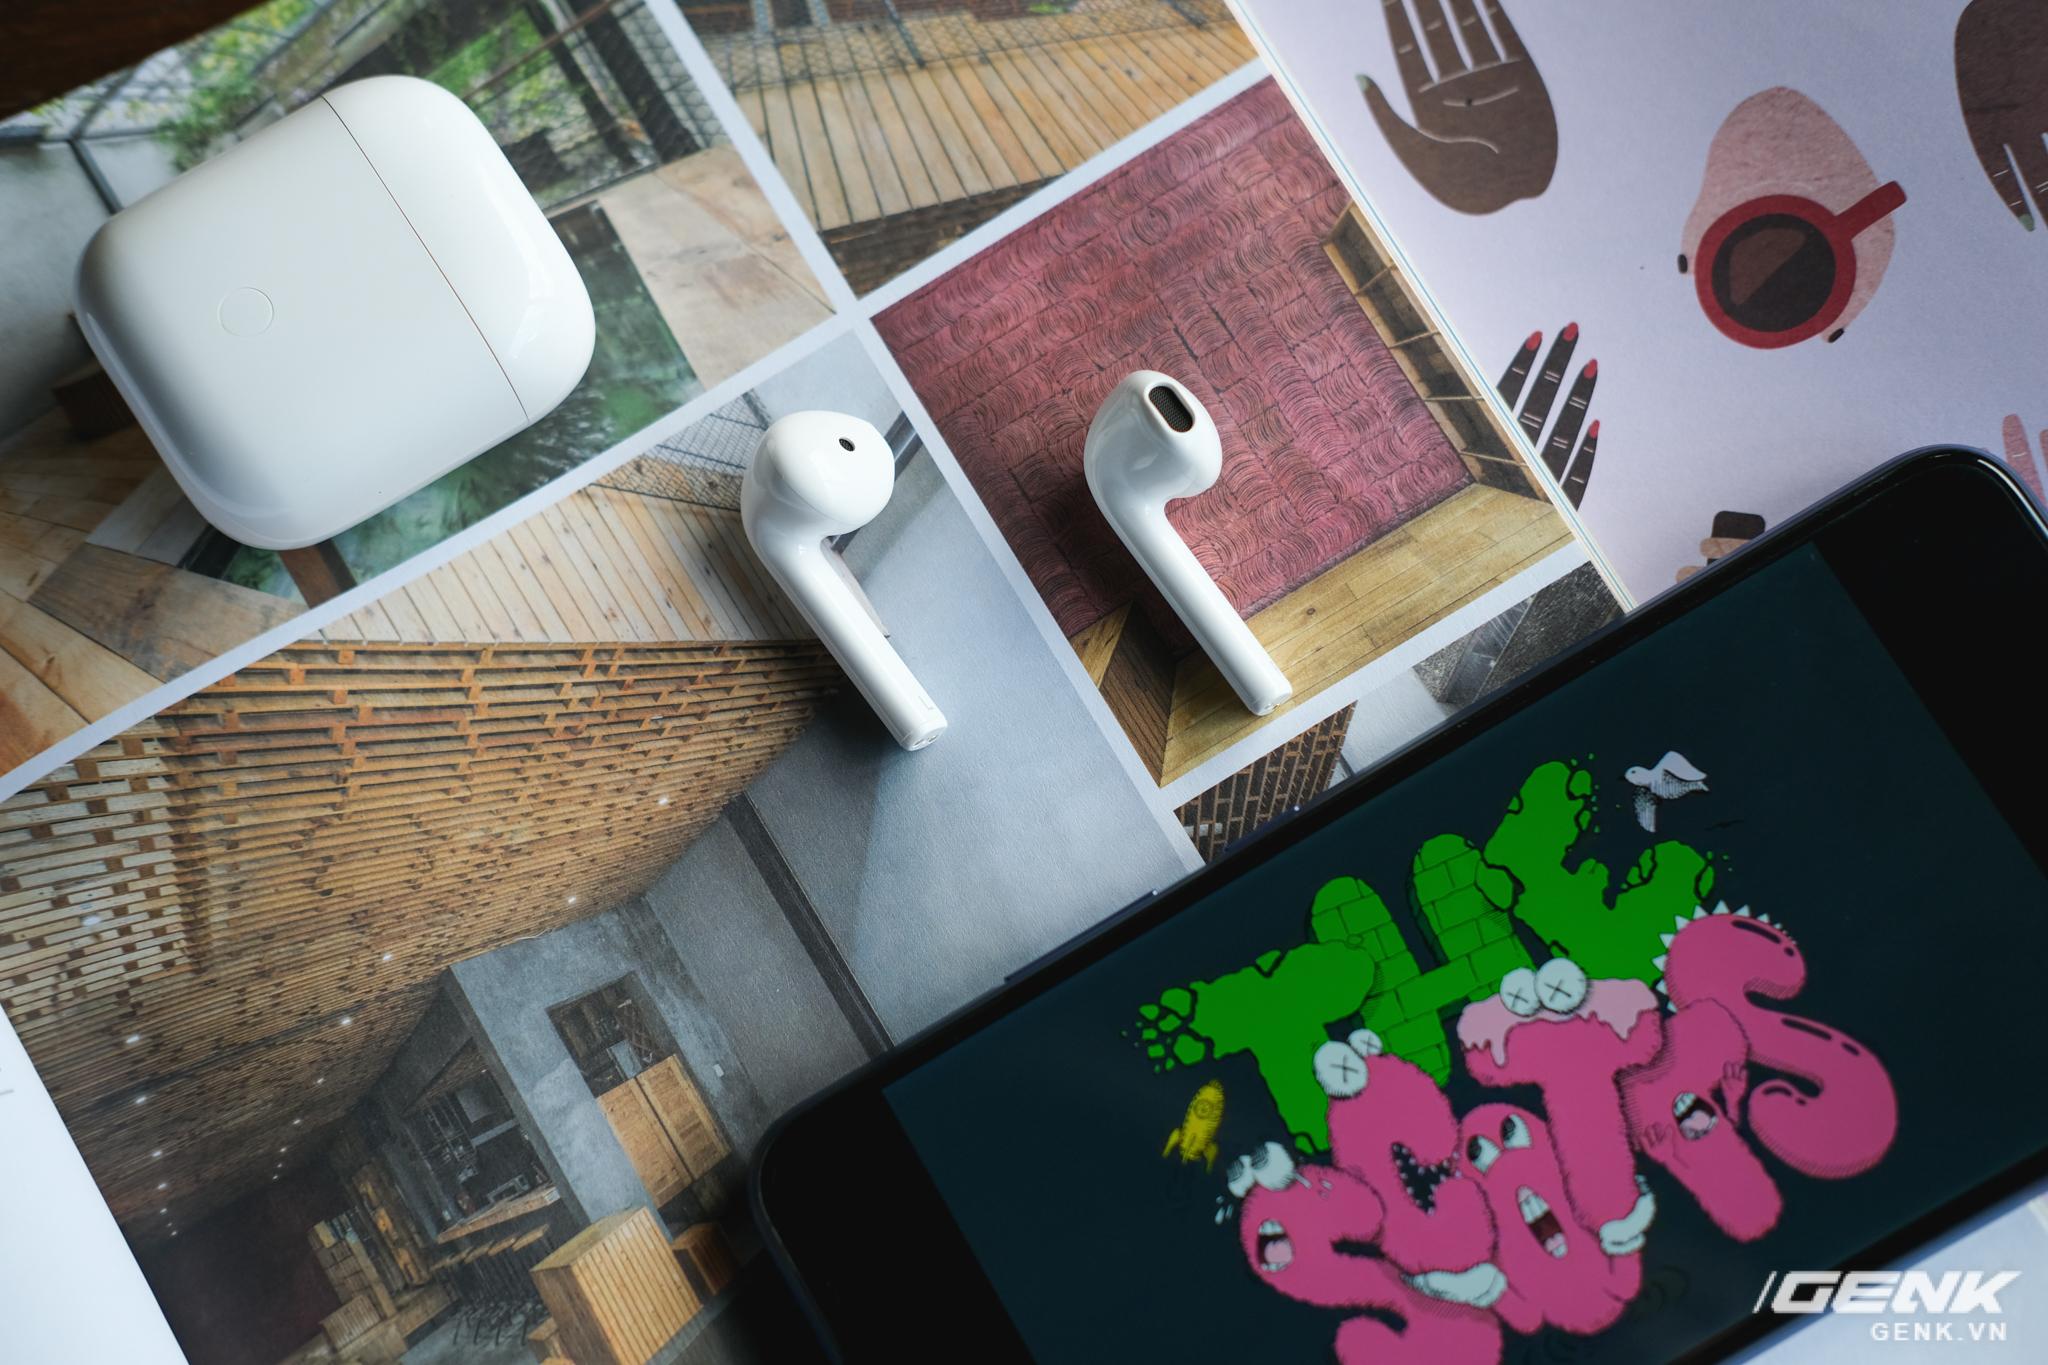 Trên tay tai nghe không dây Realme Buds Air Neo: Thoạt nhìn tưởng AirPods, có điều giá chưa đến 2 triệu đồng - Ảnh 16.